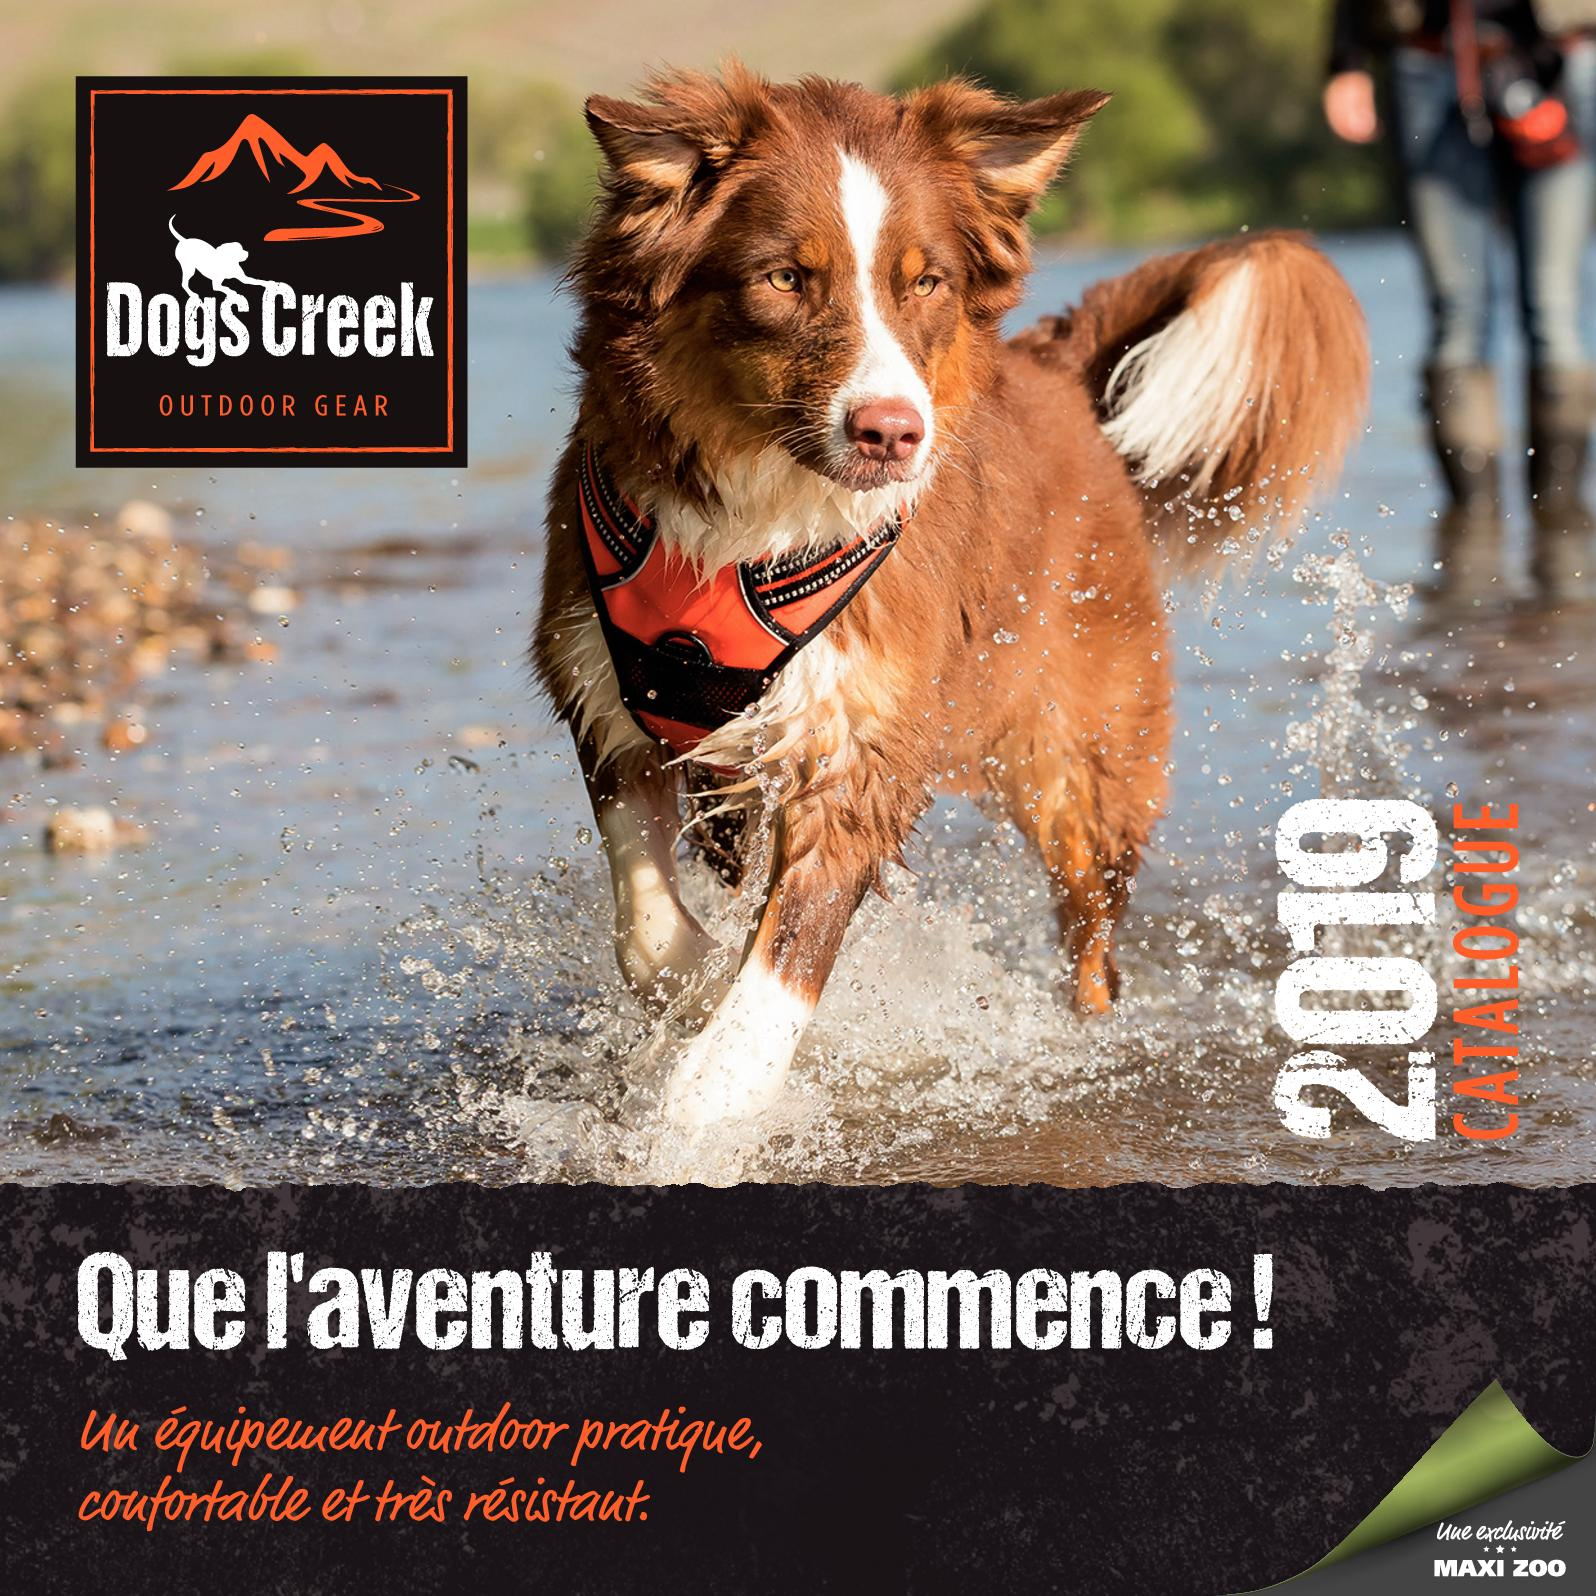 Maxi Zoo : Dogs Creek